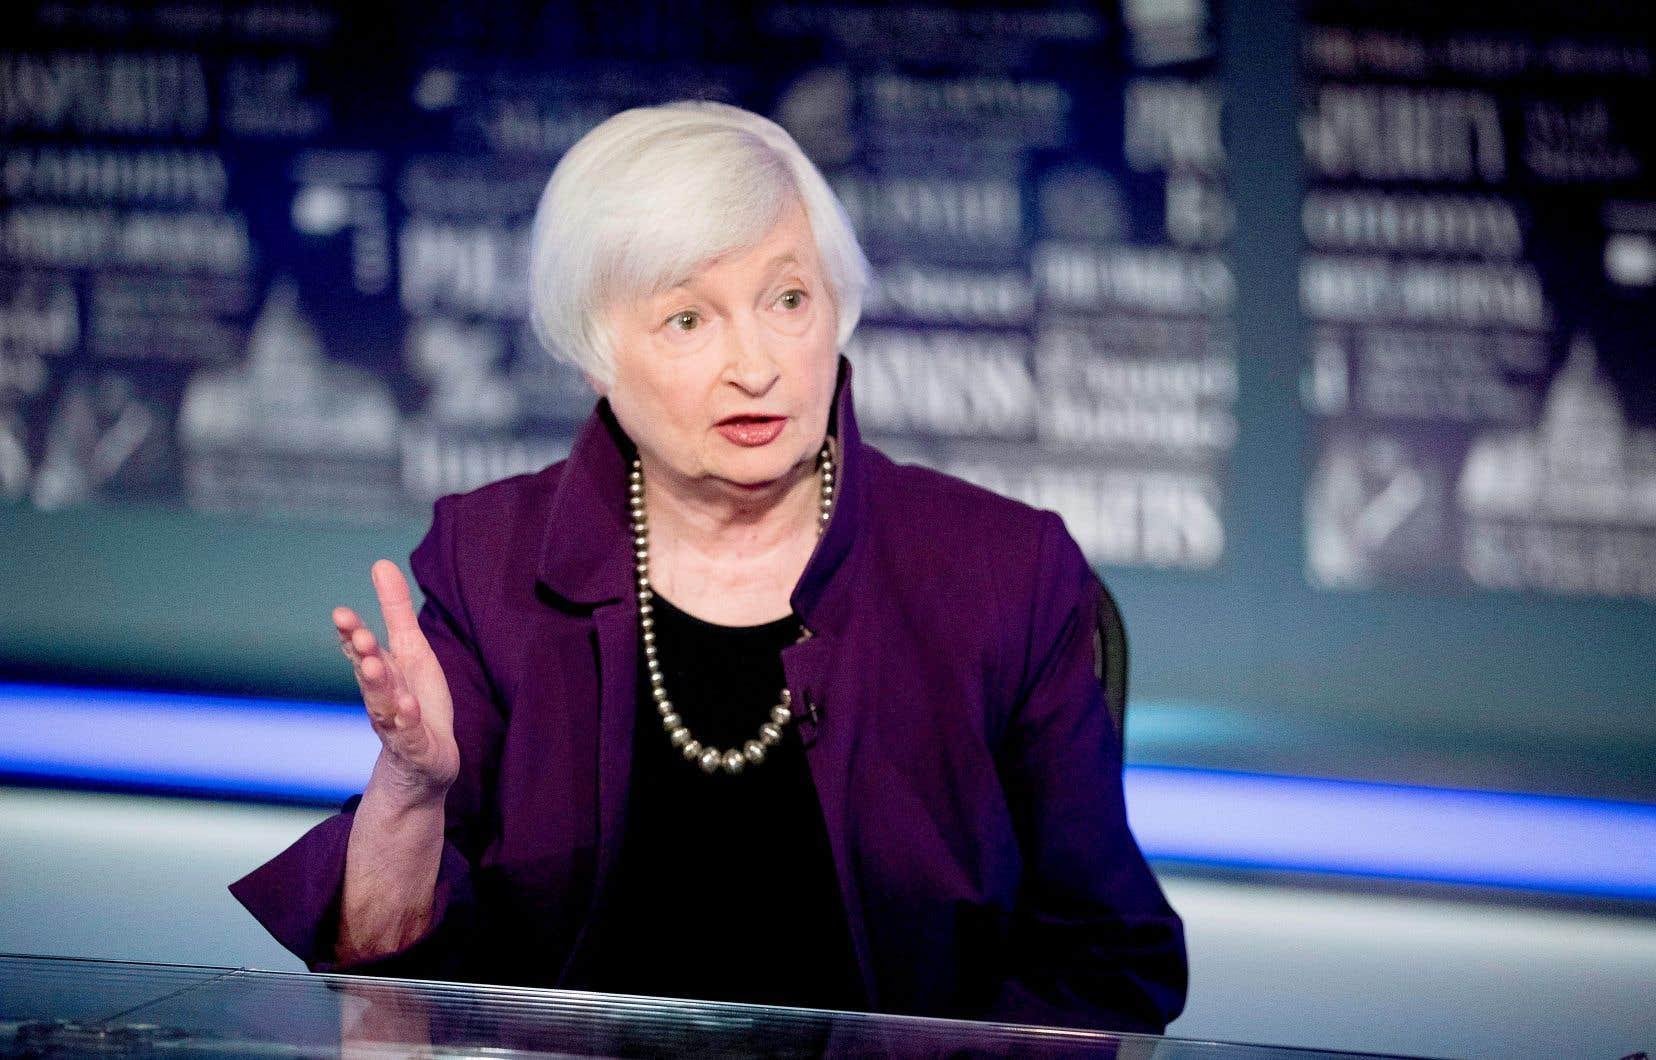 Janet Yellen, en août 2019 après son passage à la tête de la puissante Réserve fédérale (Fed) entre 2014 et 2018